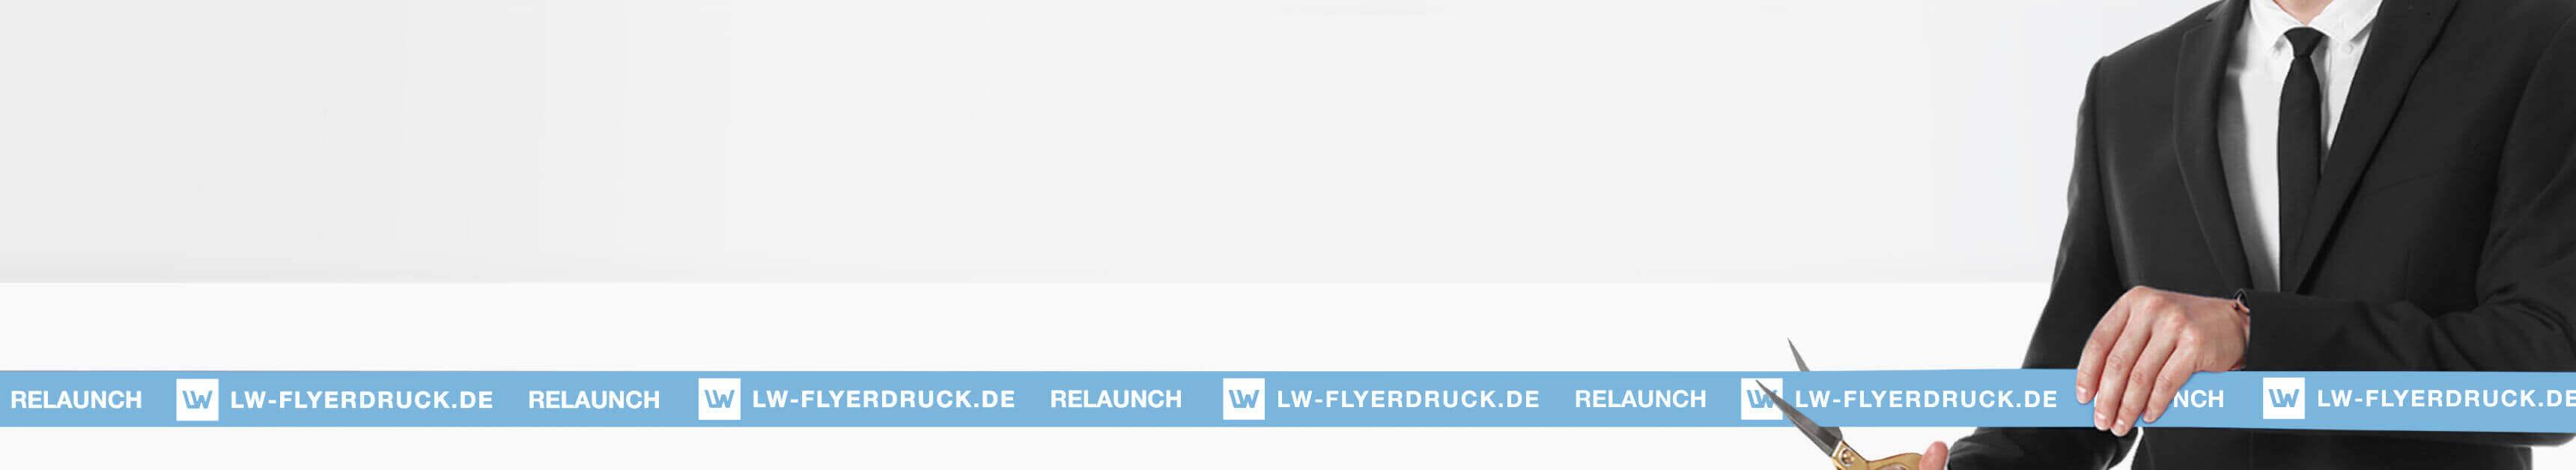 Flyer Drucken Bei Ihrer Online Druckerei Lw Flyerdruck